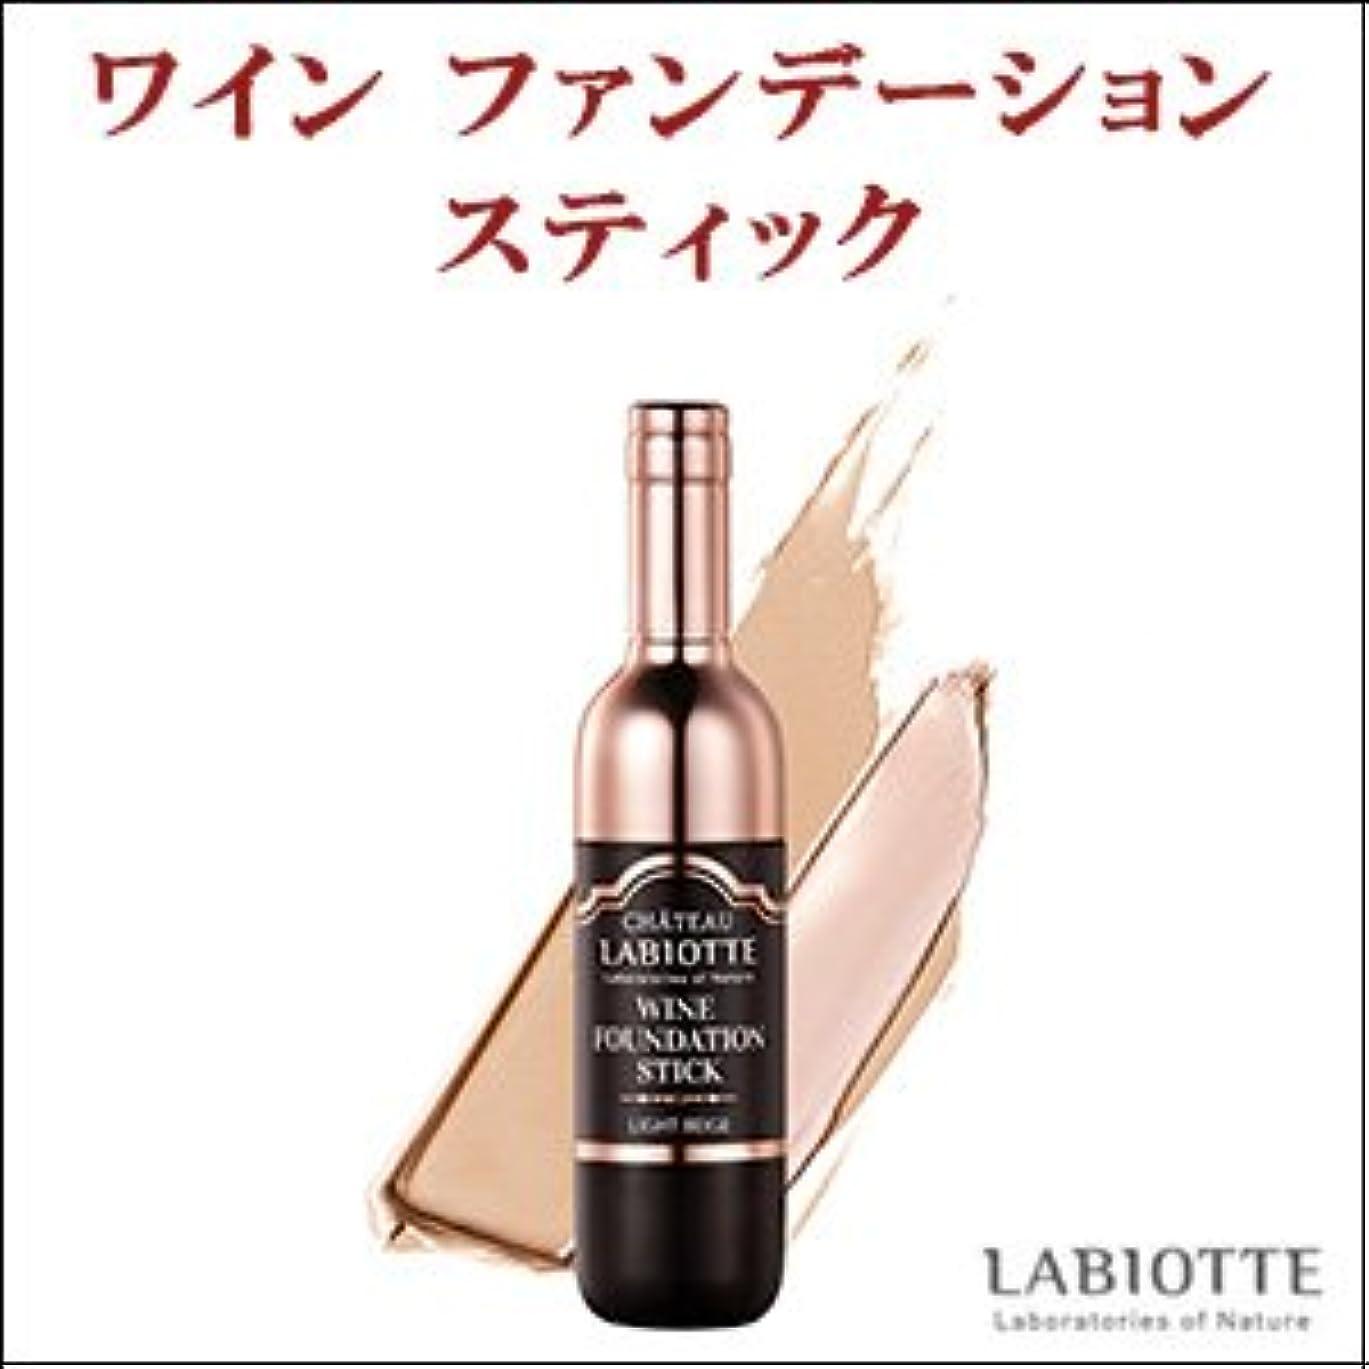 包囲シングル重々しいLABIOTTE シャトー ラビオッテ ワイン ファンデーション スティック カラー:BE21 ライトベージュ